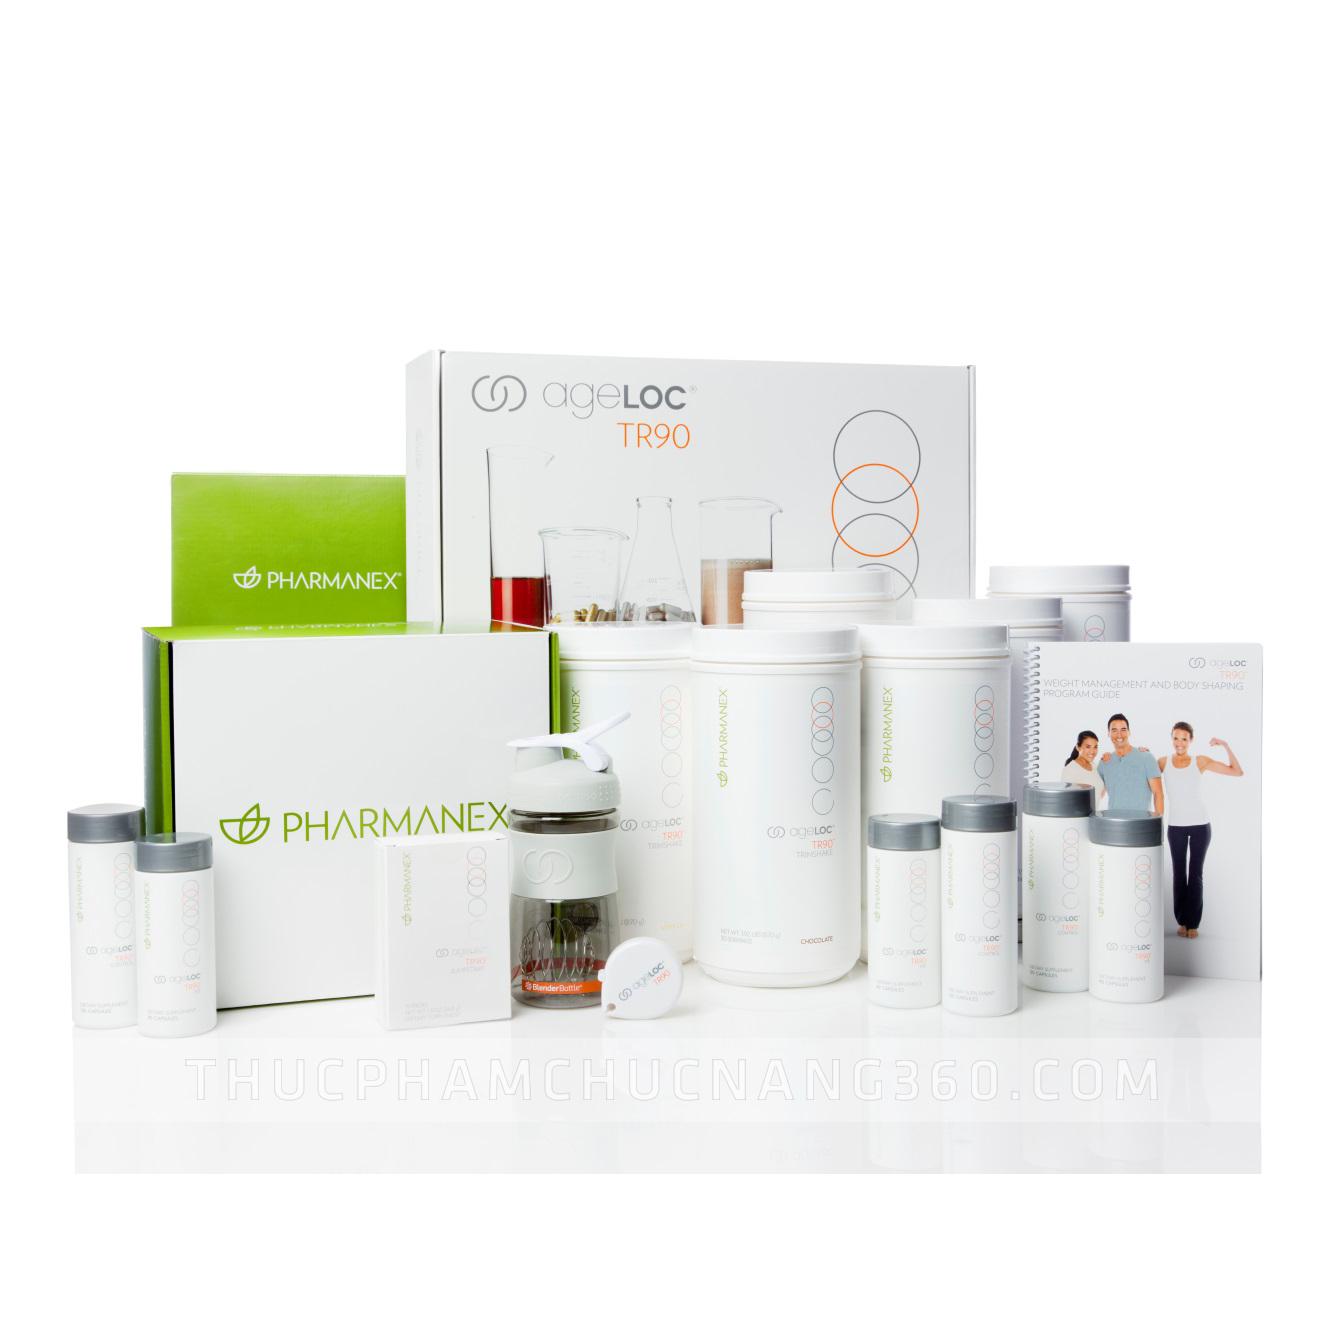 Nuskin AgeLOC TR90 Bộ sản phẩm giảm cân chống lão hóa số 1 trên thế giới